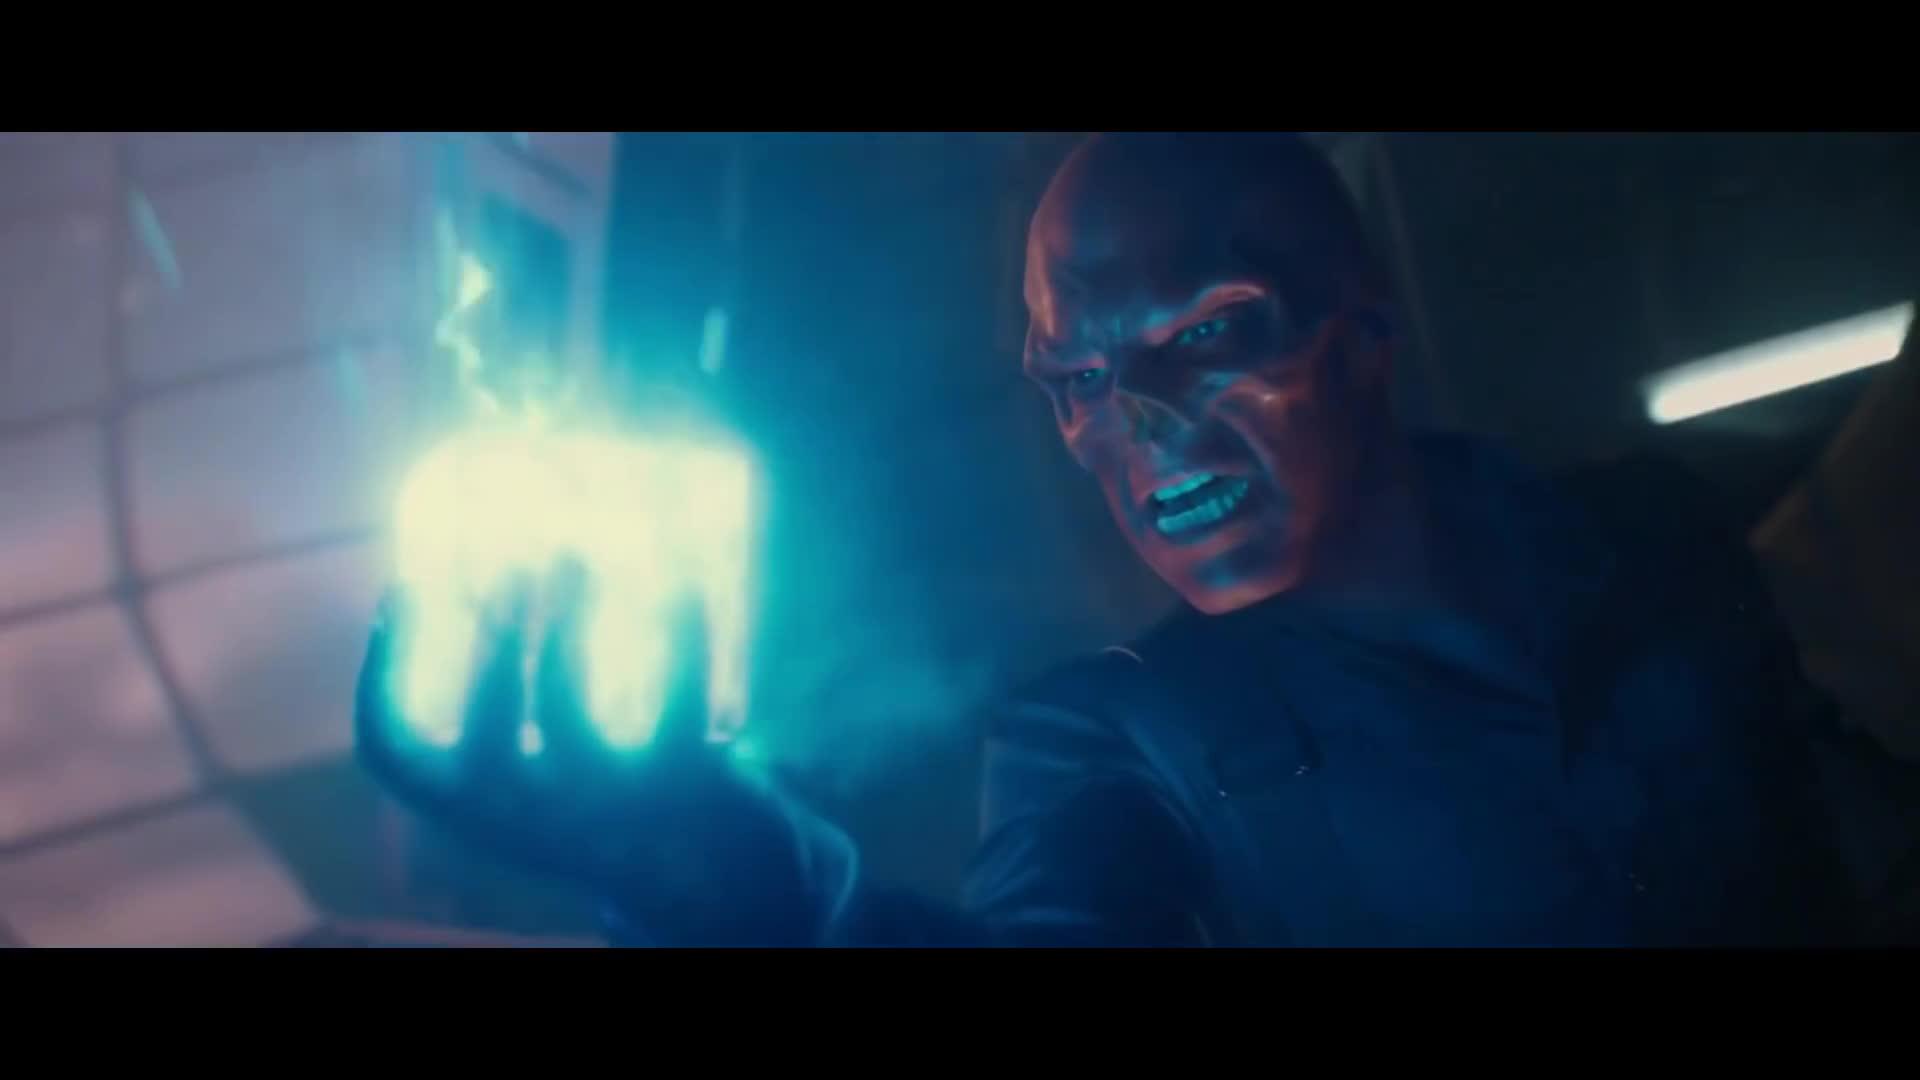 marvelstudios, Captain America The First Avengers - Red Skull VS. Captain America (HD 1080p) GIFs